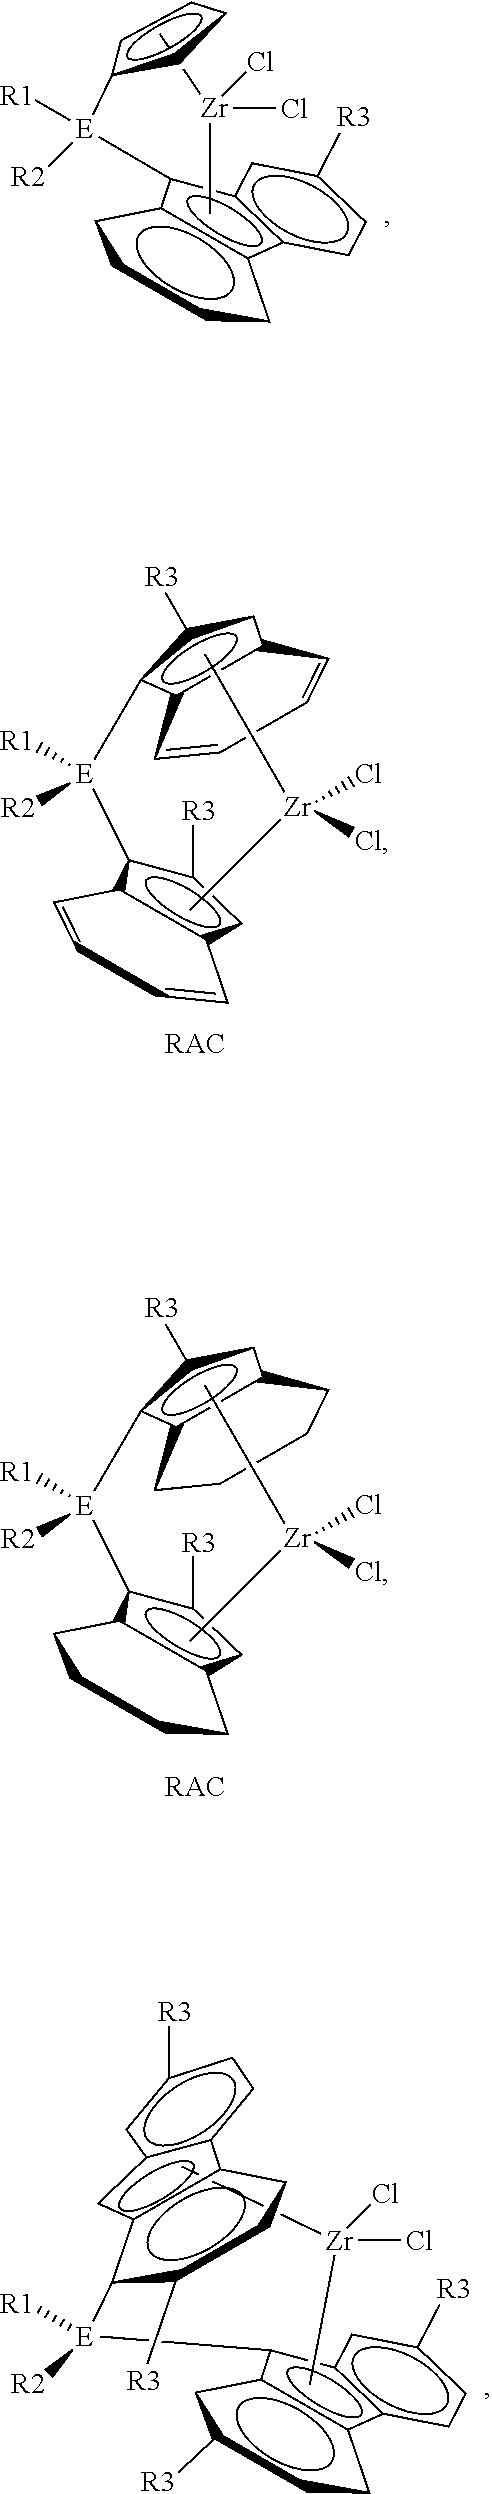 Figure US09334203-20160510-C00006